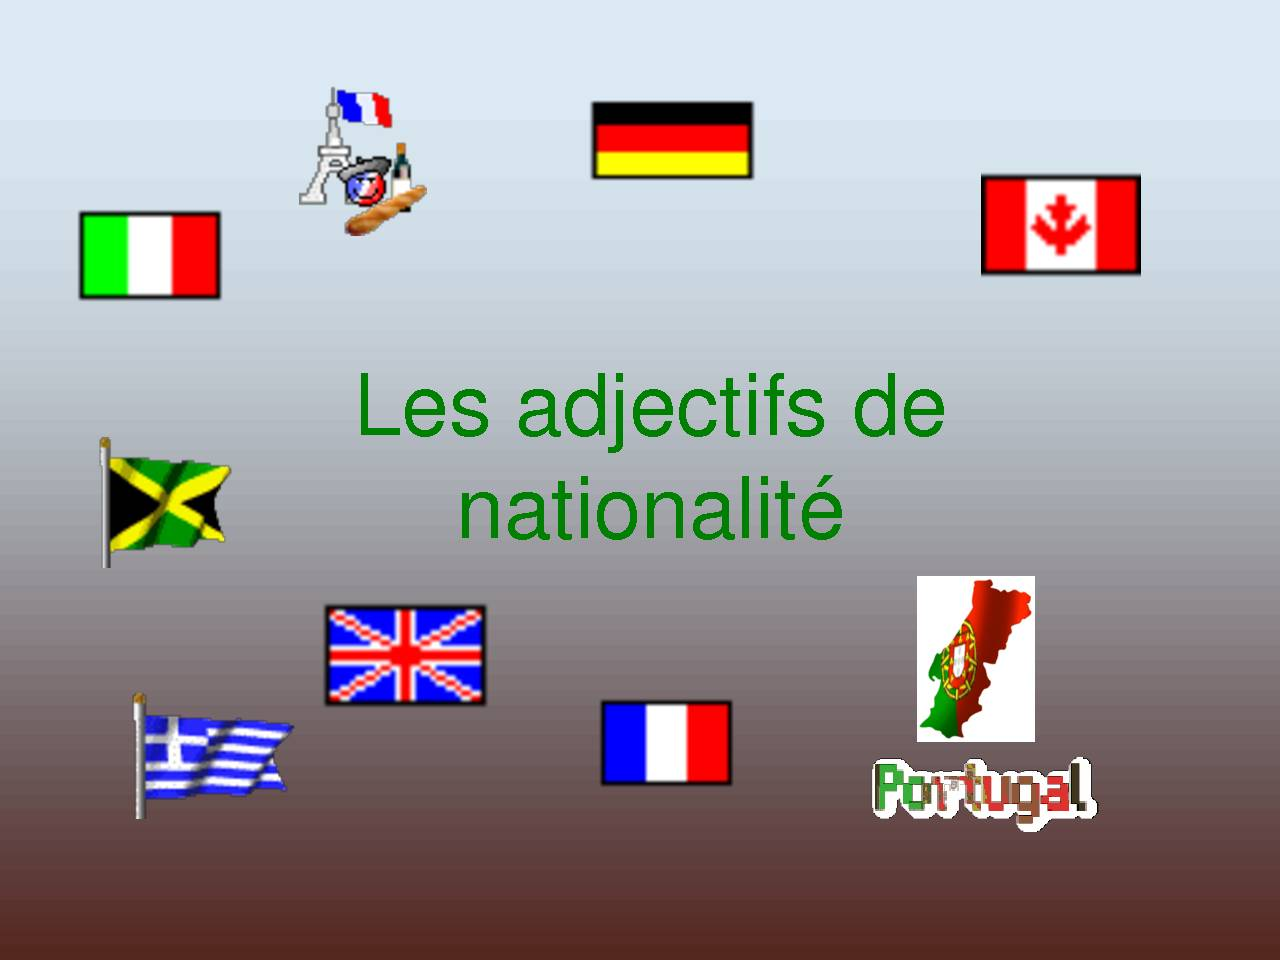 Les adjectifs de nationalité